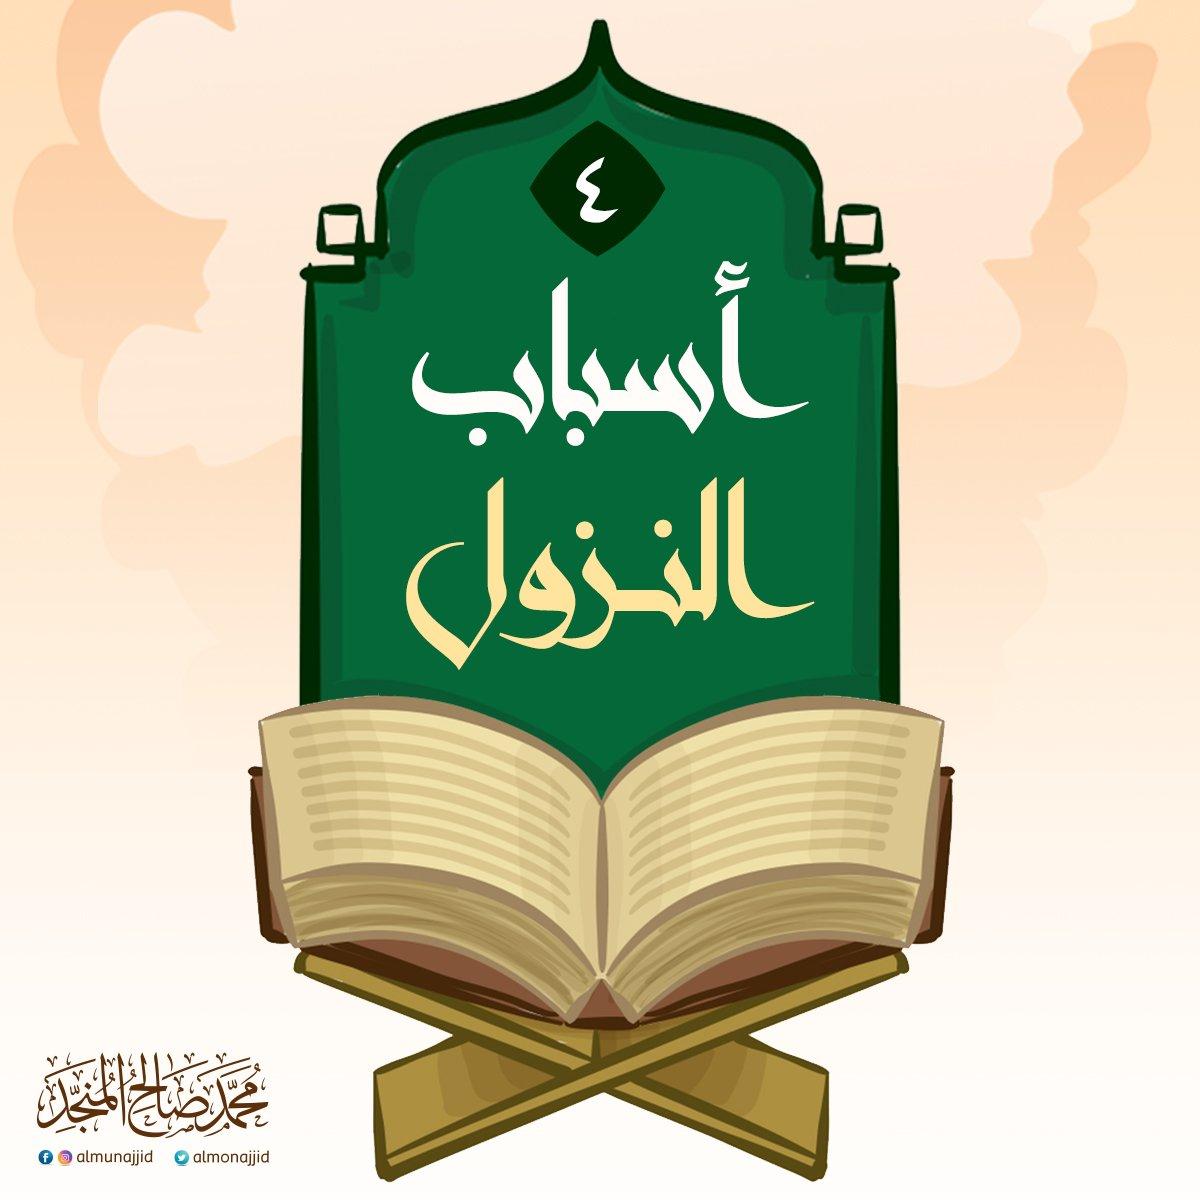 """محمد صالح المنجد on Twitter: """"#أسباب_النزول (4) قول الله تعالى: """"نِسَاؤُكُمْ  حَرْثٌ لَكُمْ فَأْتُوا حَرْثَكُمْ أَنَّىٰ شِئْتُمْ ۖ وَقَدِّمُوا  لِأَنْفُسِكُمْ ۚ وَاتَّقُوا اللَّهَ وَاعْلَمُوا أَنَّكُمْ مُلَاقُوهُ ۗ  وَبَشِّرِ الْمُؤْمِنِينَ ﴿٢٢٣﴾"""" https ..."""